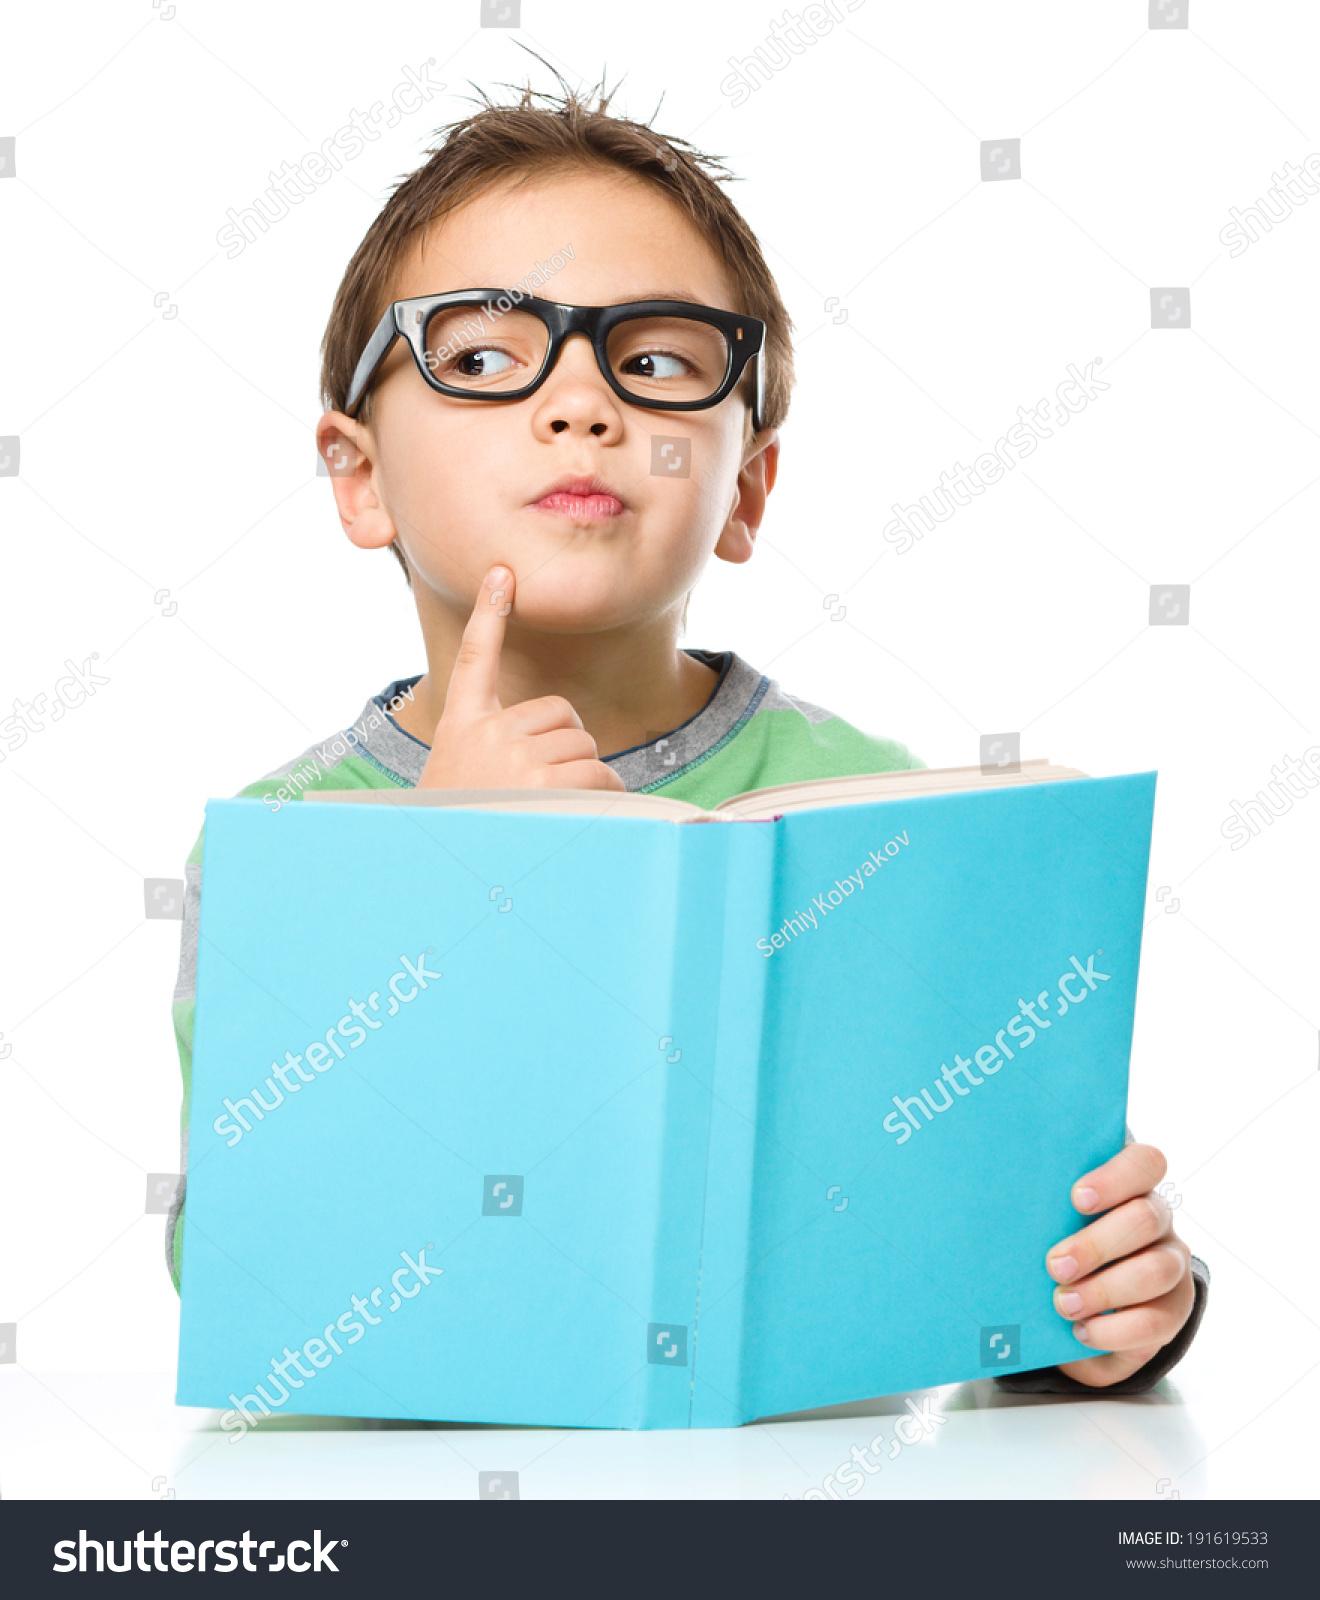 眼镜创意微信头像